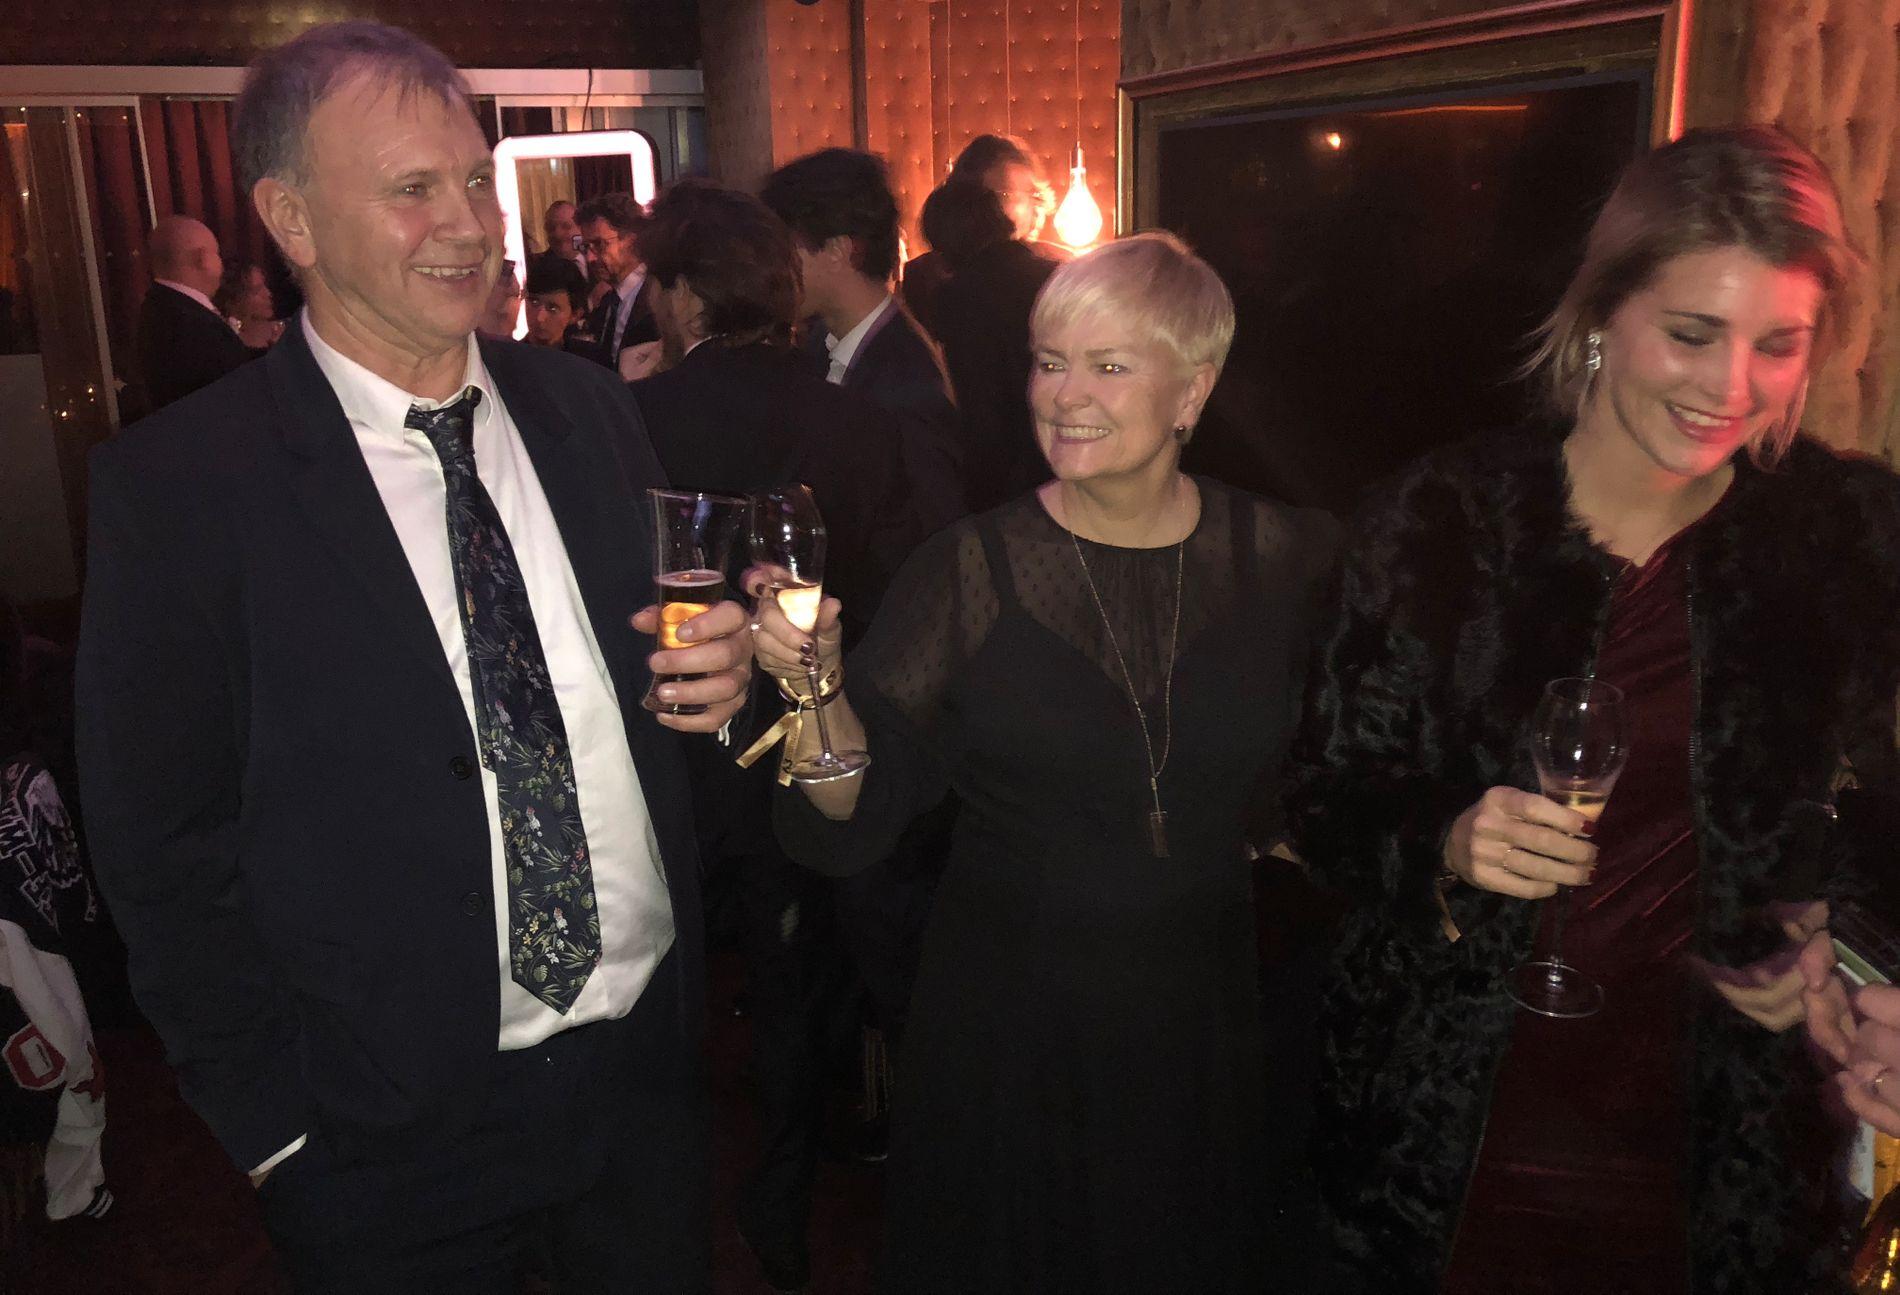 FEIRING: Foreldrene Stein Erik Hegerberg og Gerd Stolsmo feirer datterens Ballon d'Or-triumf på et utested i Paris.